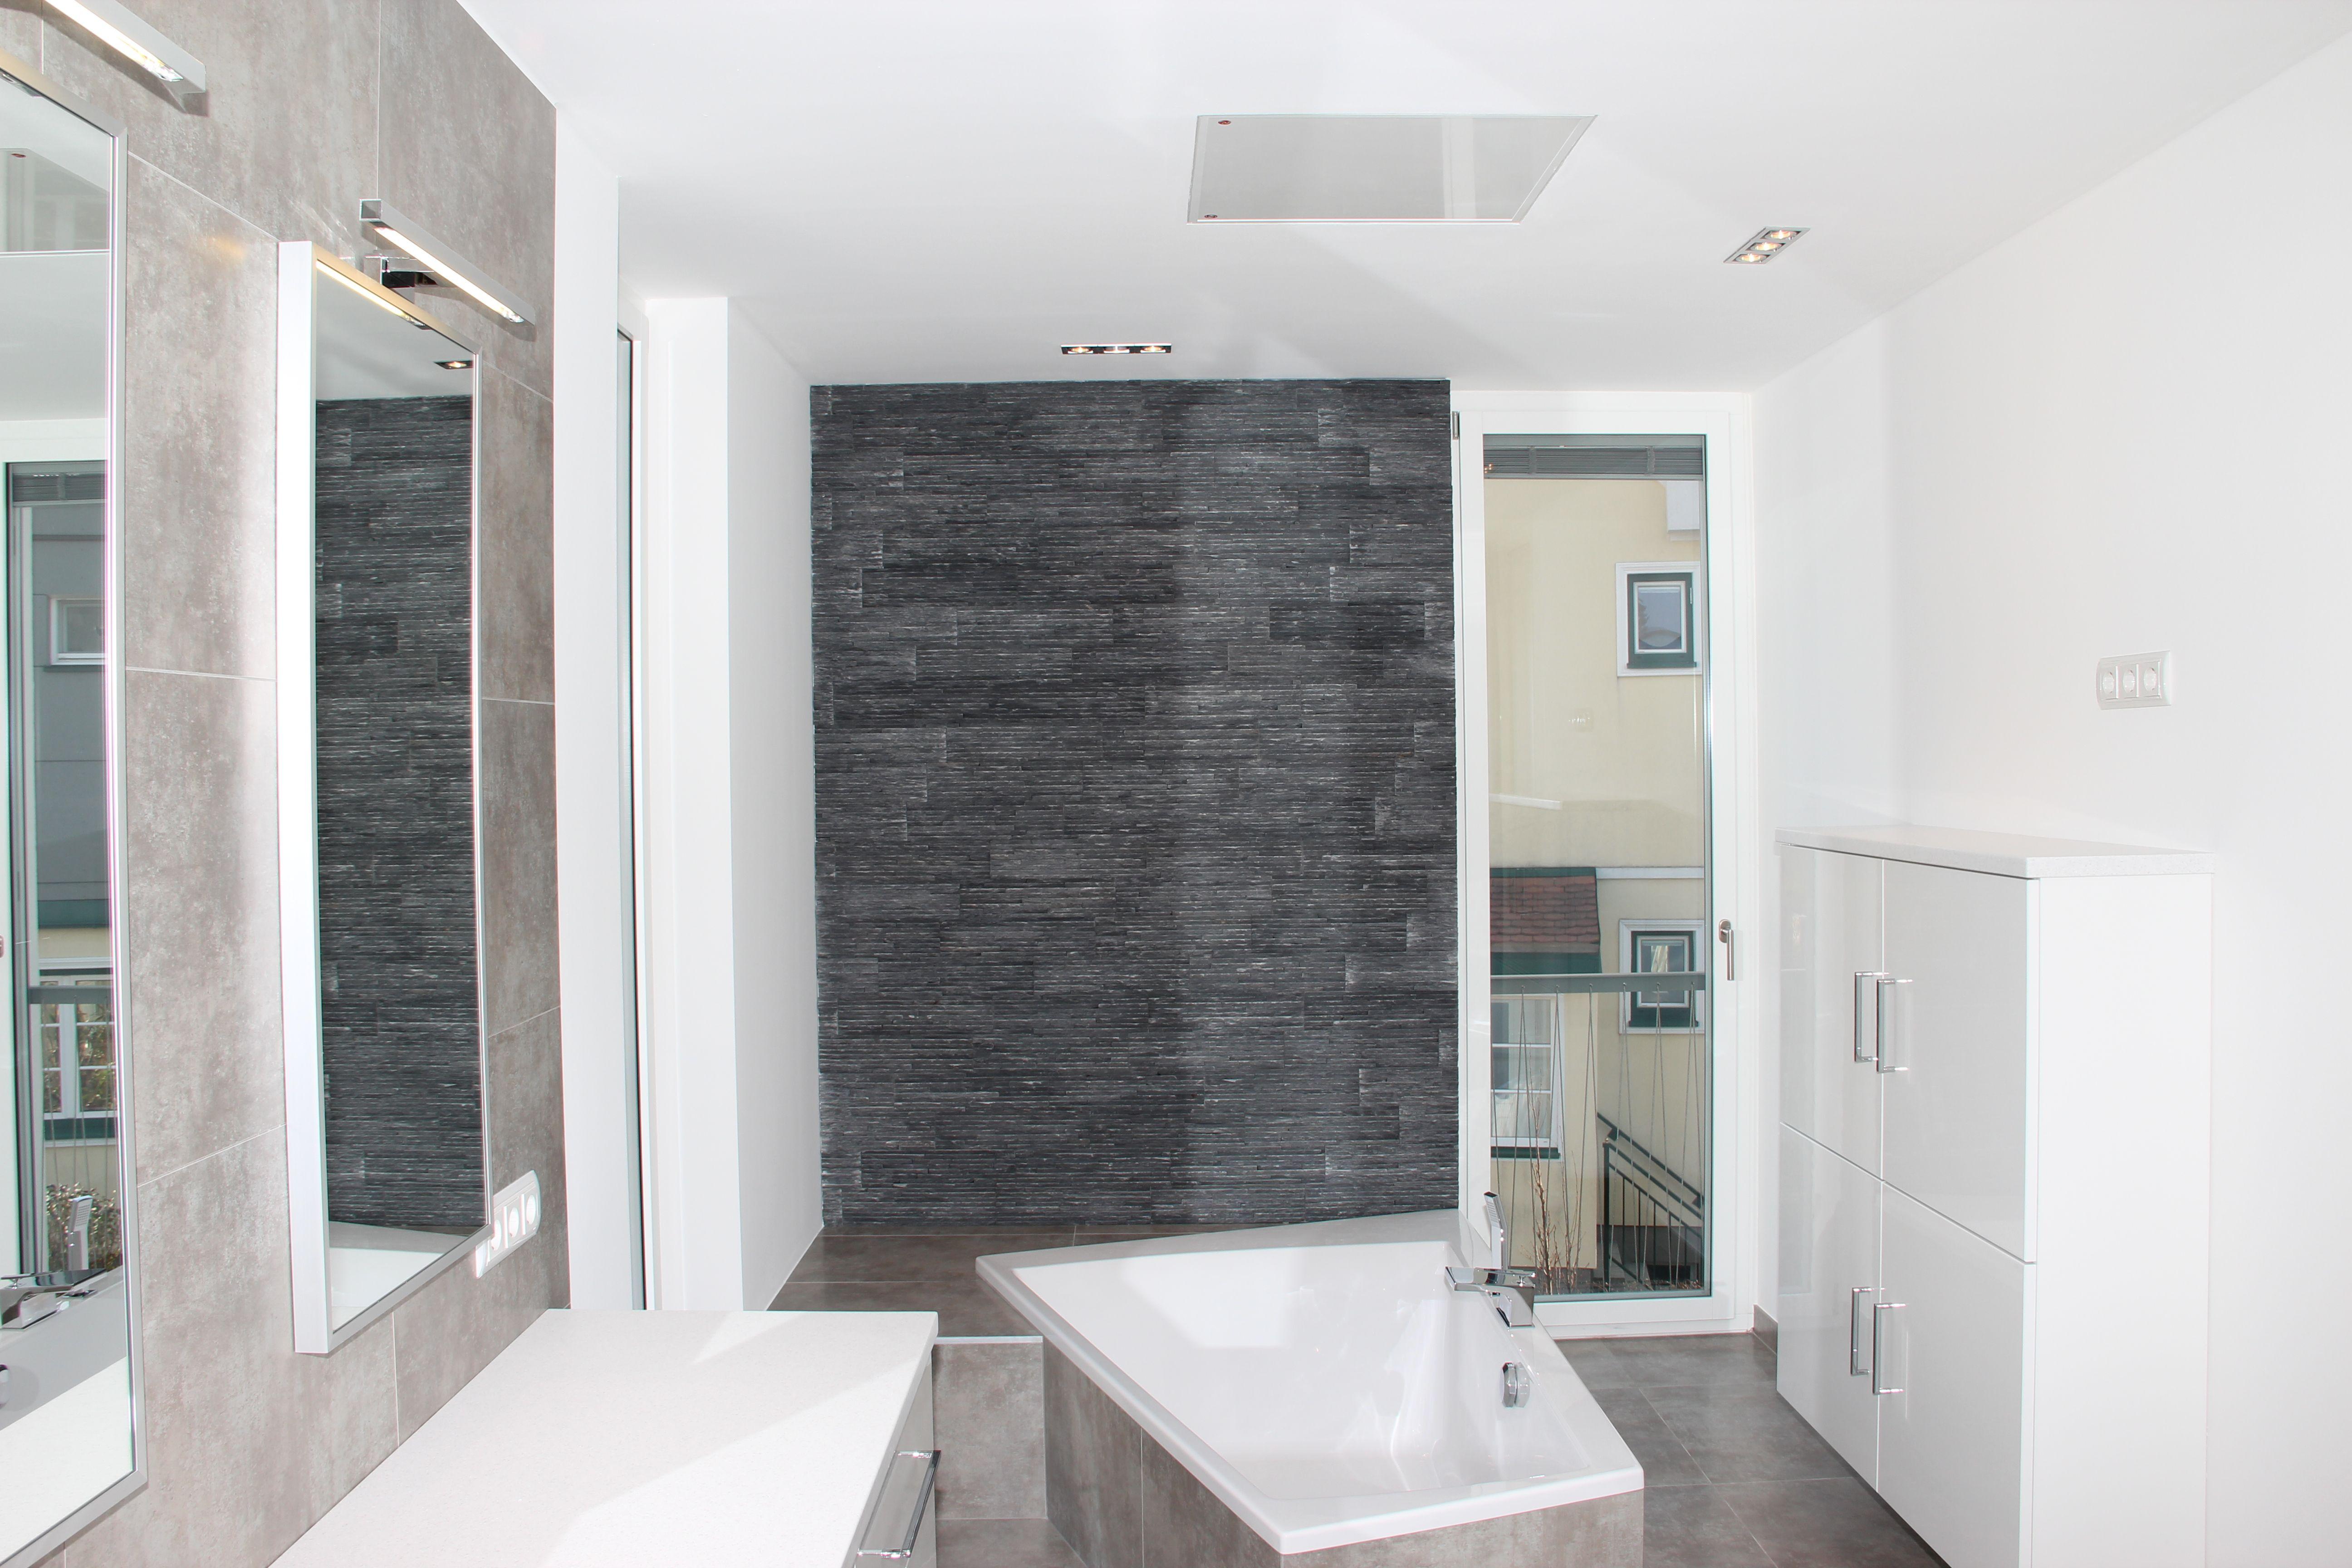 Ob Neubau Sanierung Oder Zusatzheizung Infrarotheizungen Von Easytherm Sind Ideal Furs Badezimmer Geeignet Sie S Infrarotheizung Heizungssysteme Wohn Design